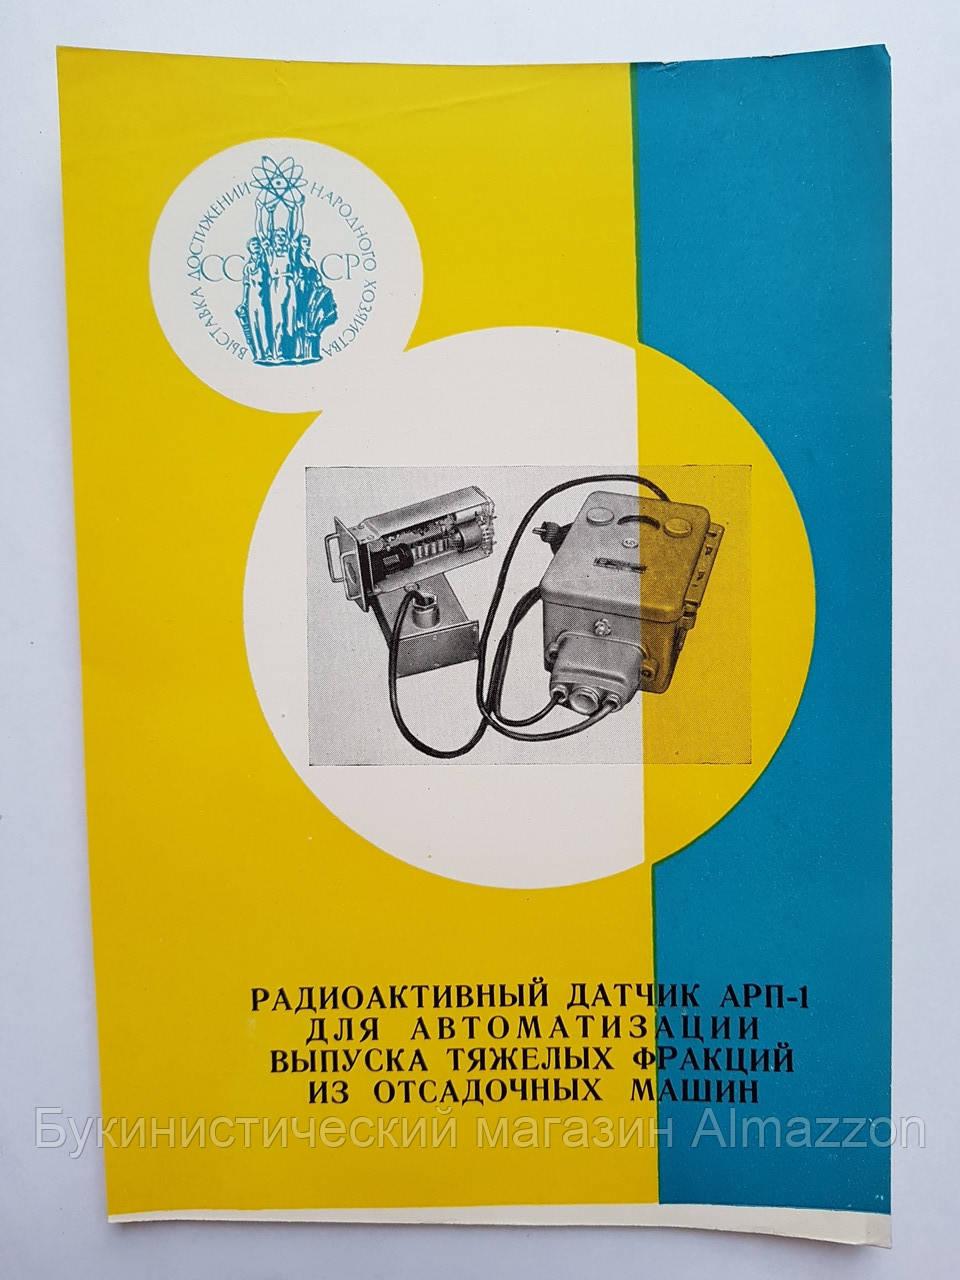 Реклама ВДНХ Радиоактивный датчик для автоматизации выпуска тяжелых фракций из осадочных машин